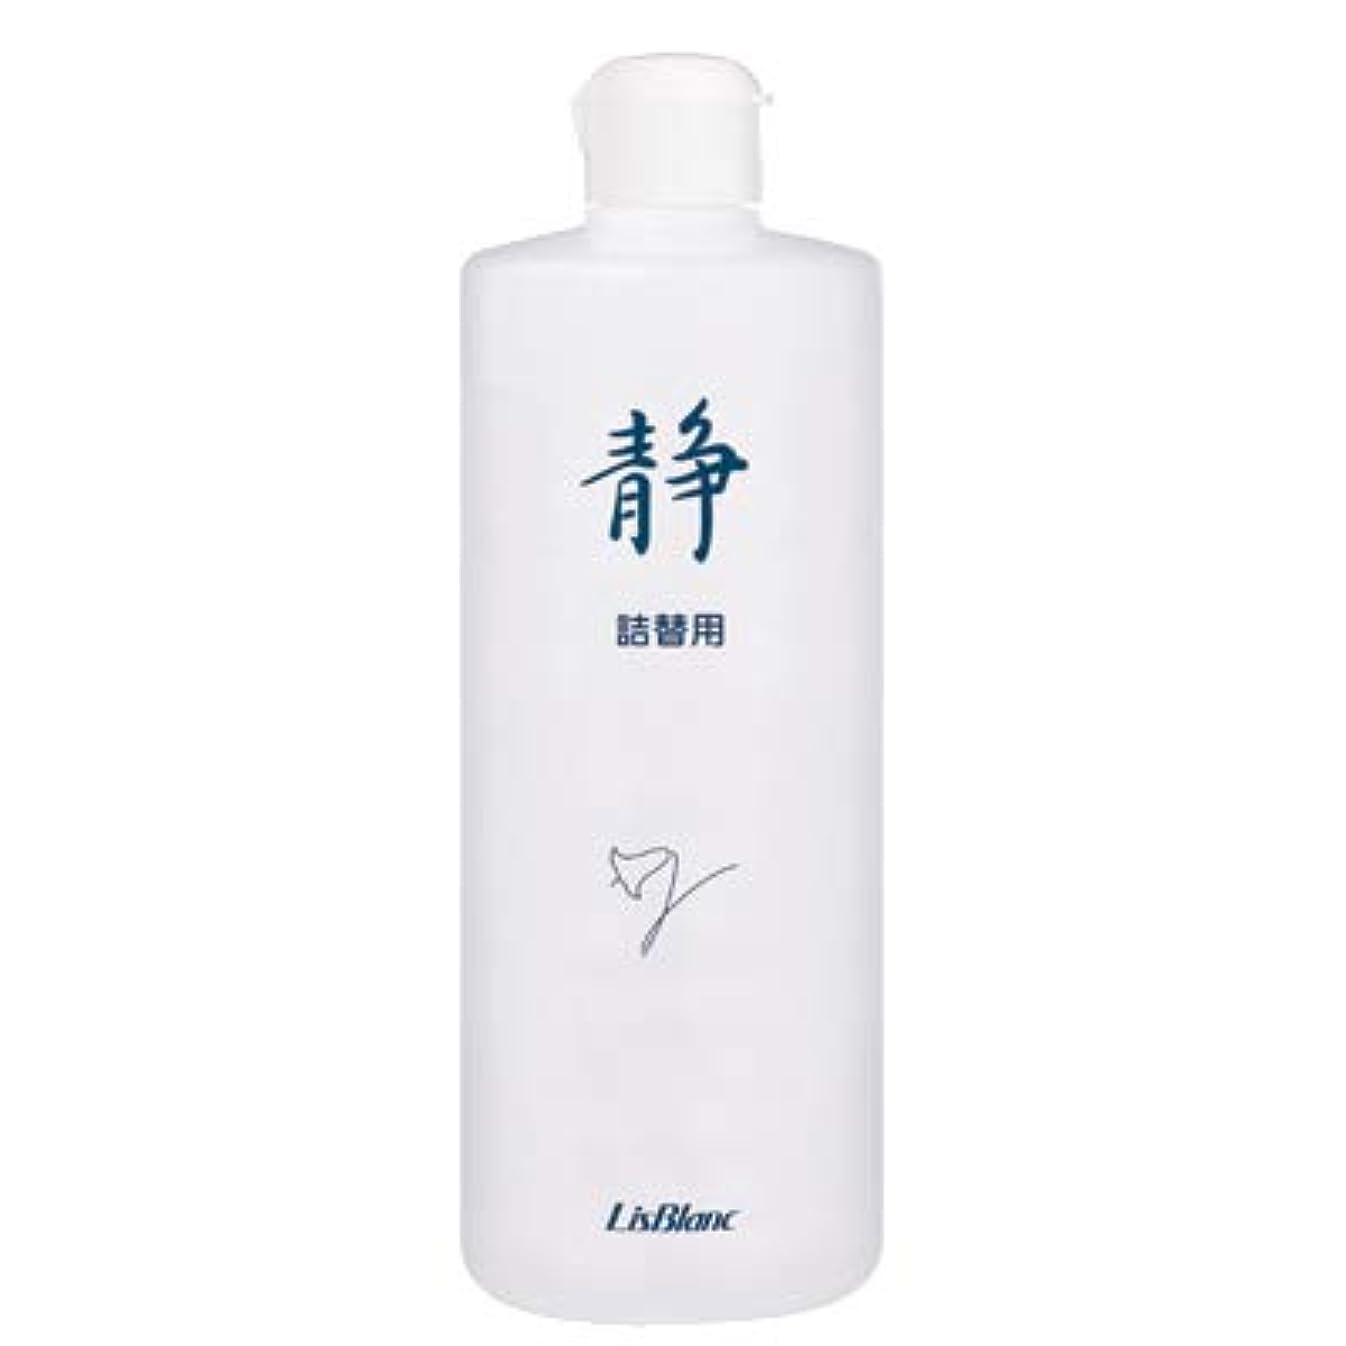 特に以来香港リスブラン しずかスプレー 徳用 500mL フェイス&ボディ用化粧水